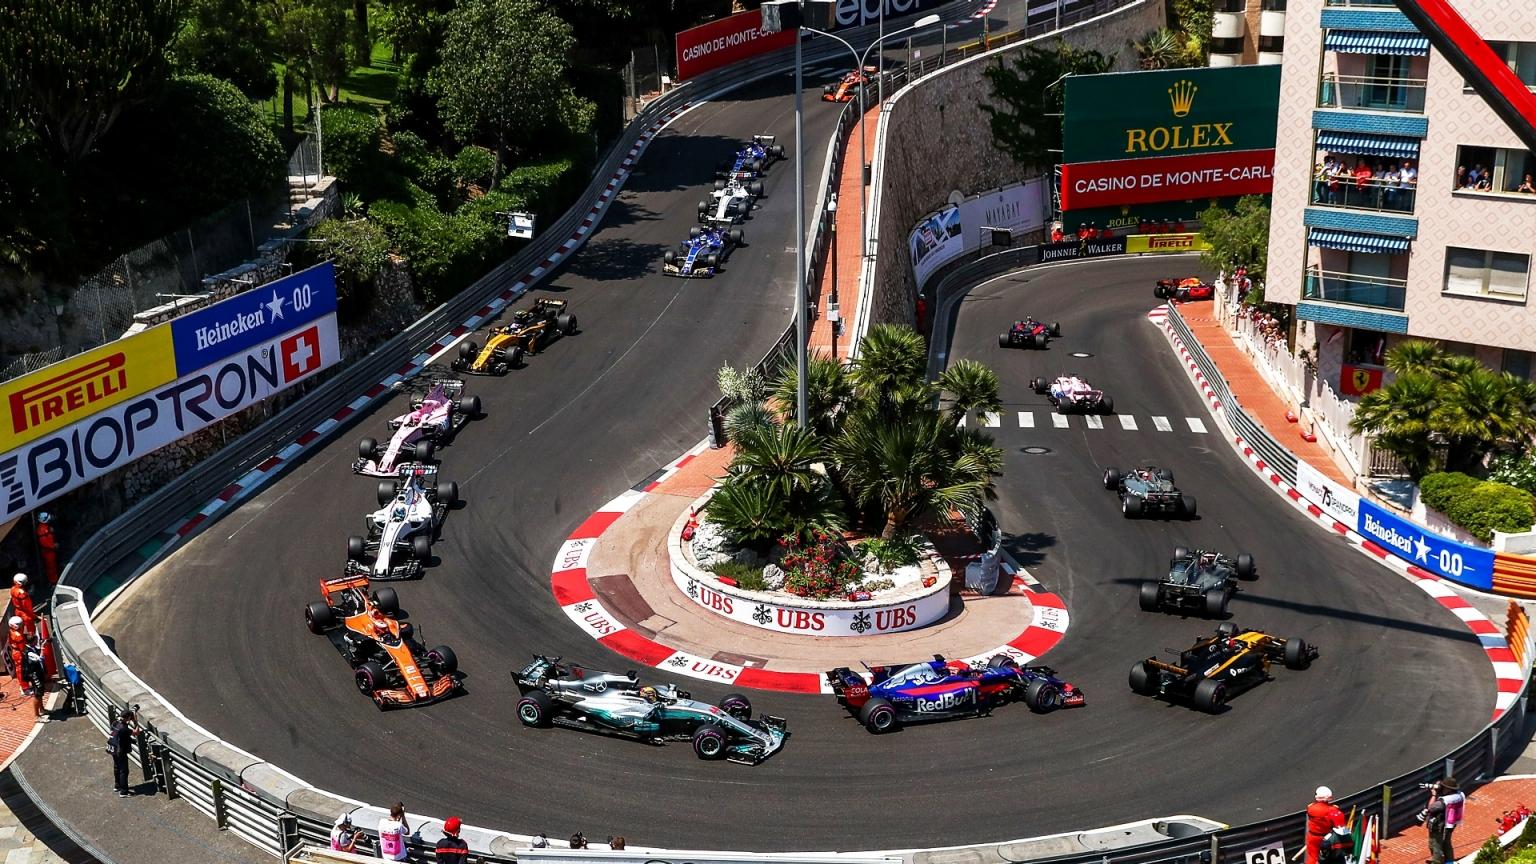 GP Mónado Fomrula 1 Apuestas